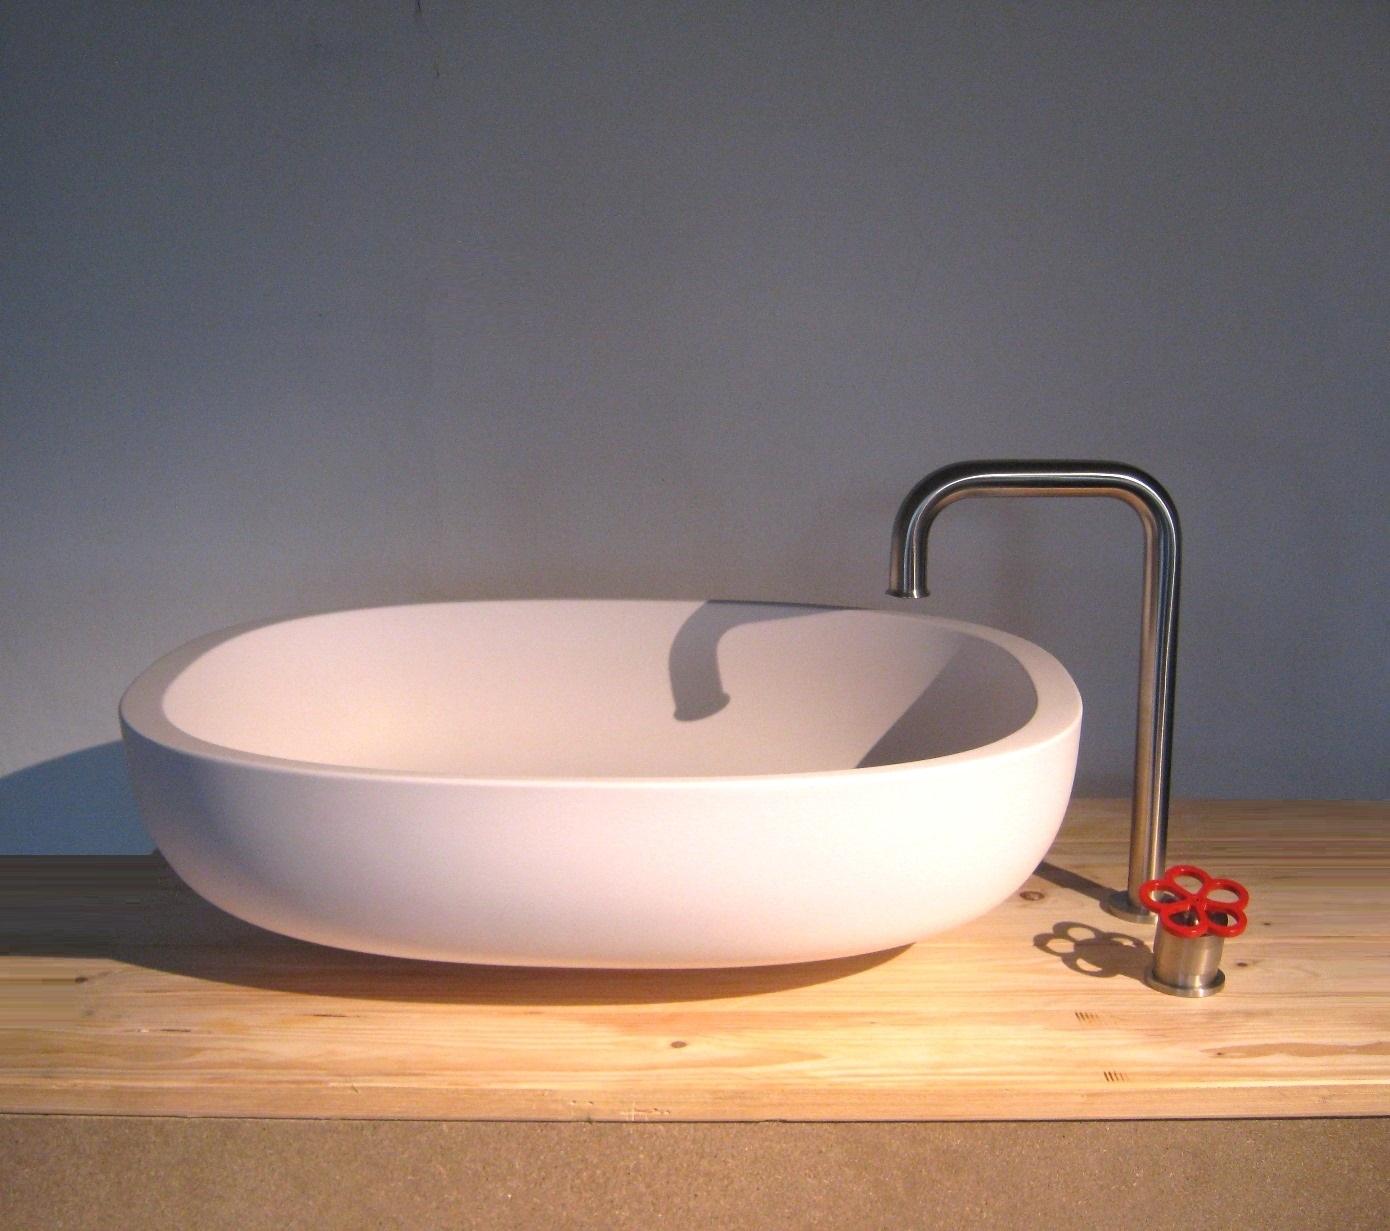 Doccia vasca prezzi for Prezzi lavabo bagno